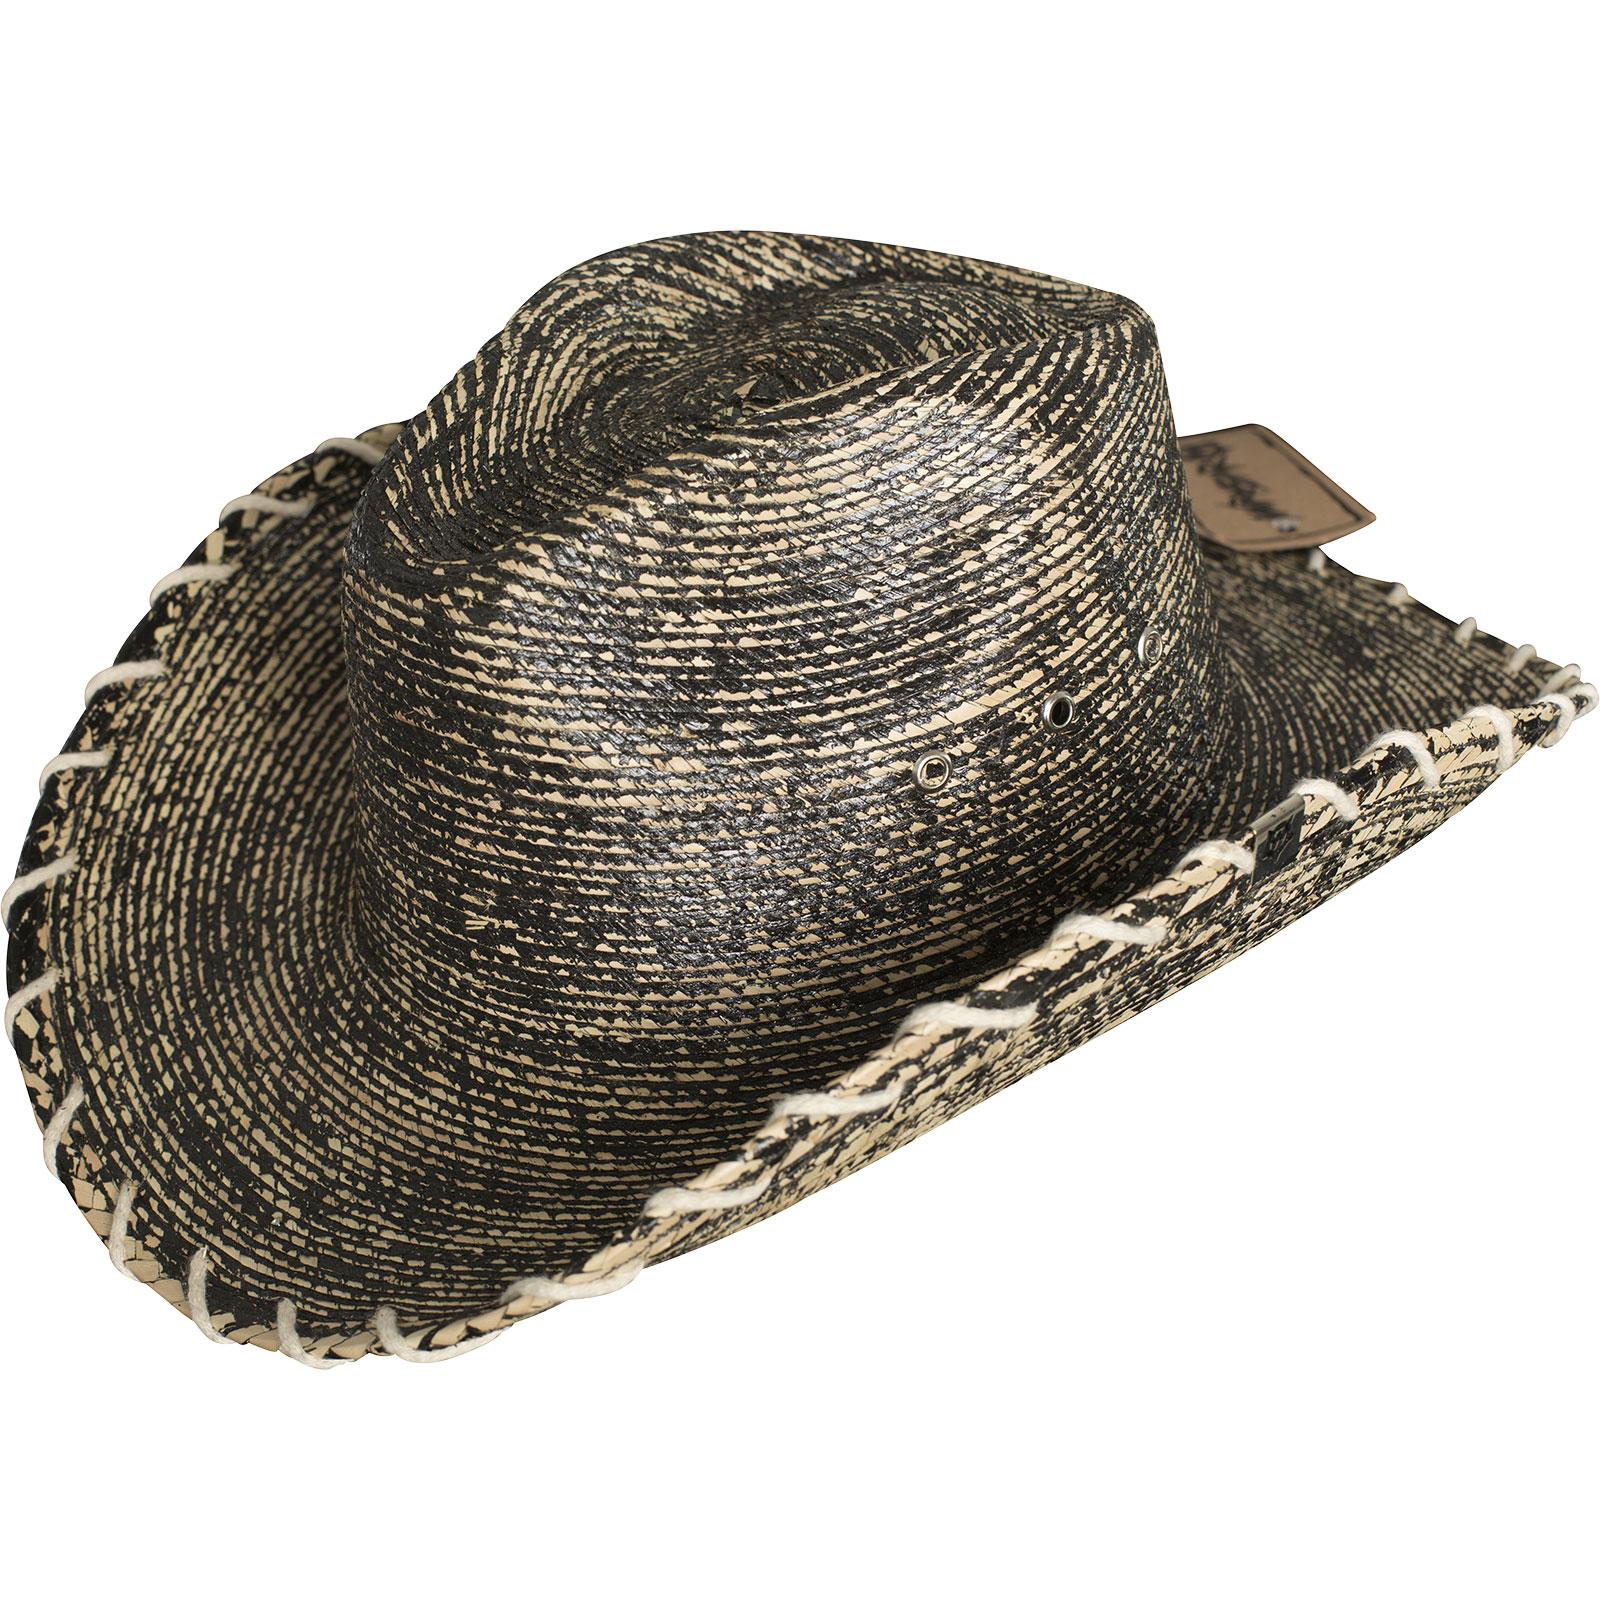 5166f6189c8 ... Wornstar Hat Essentials Hellrider HS Black   Natural Rocker Cowboy Hat  Beige Black